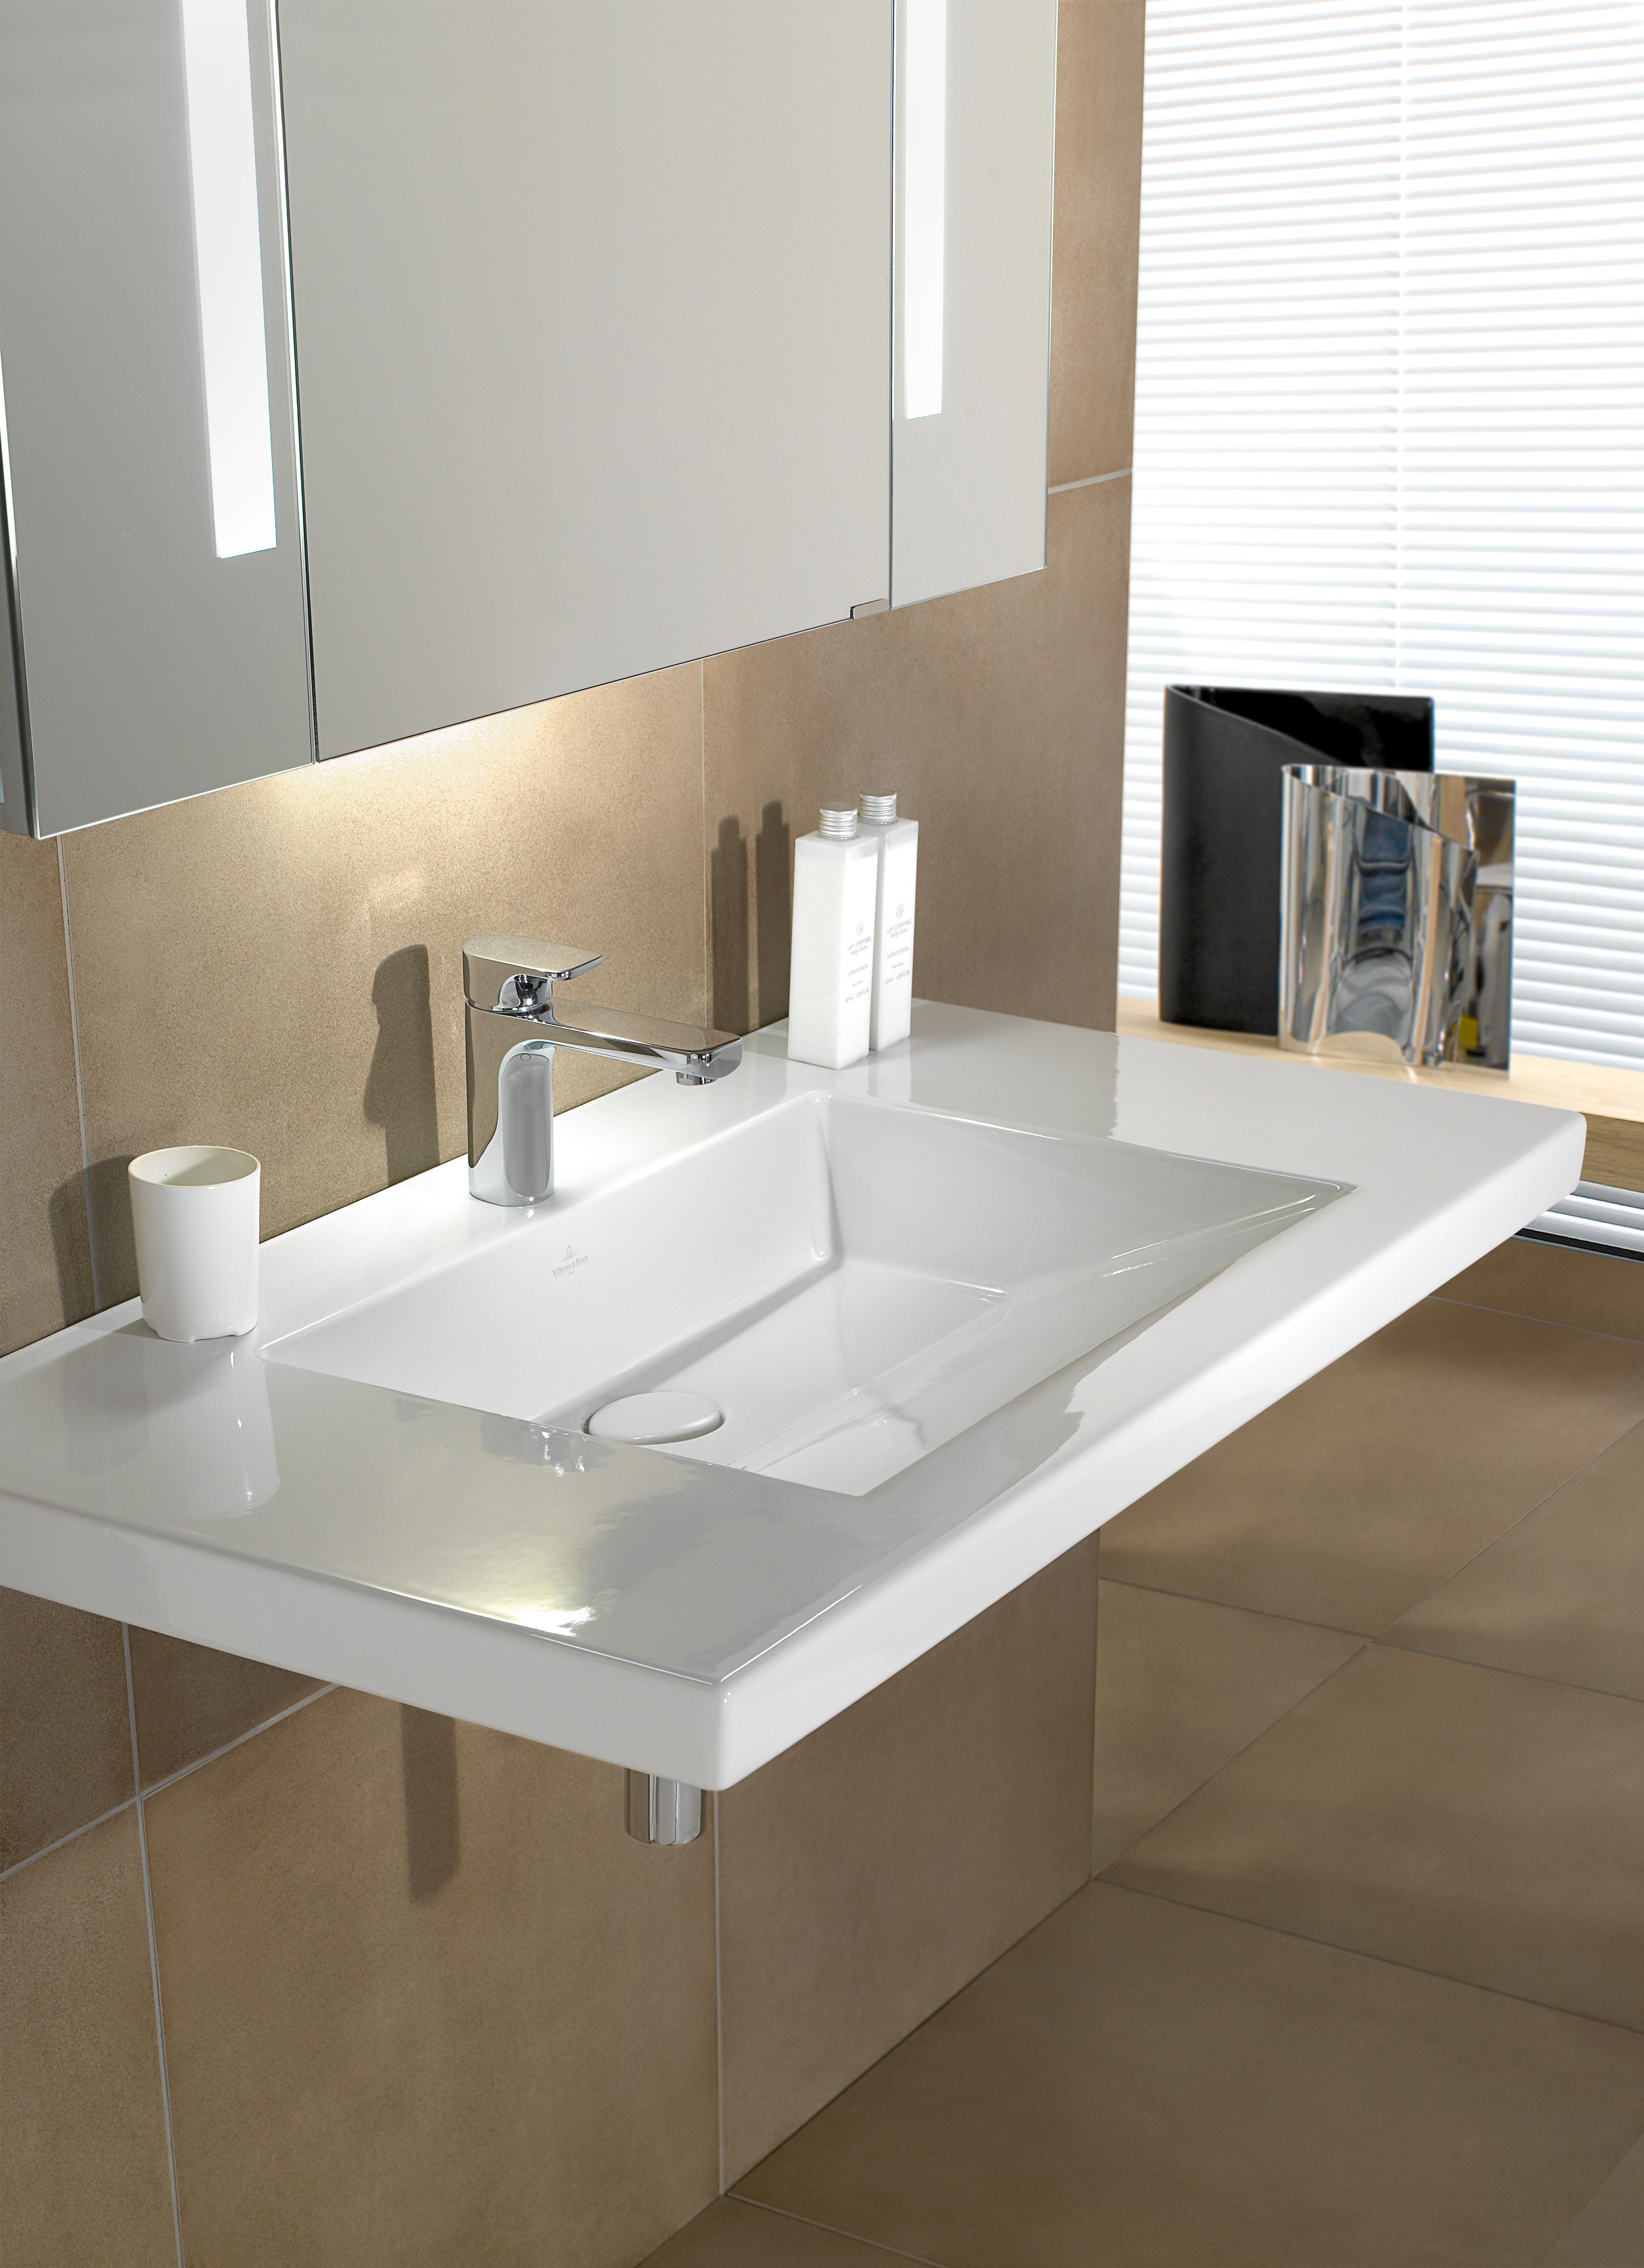 metric art schrankwaschtisch von villeroy boch bad wellness stylepark. Black Bedroom Furniture Sets. Home Design Ideas